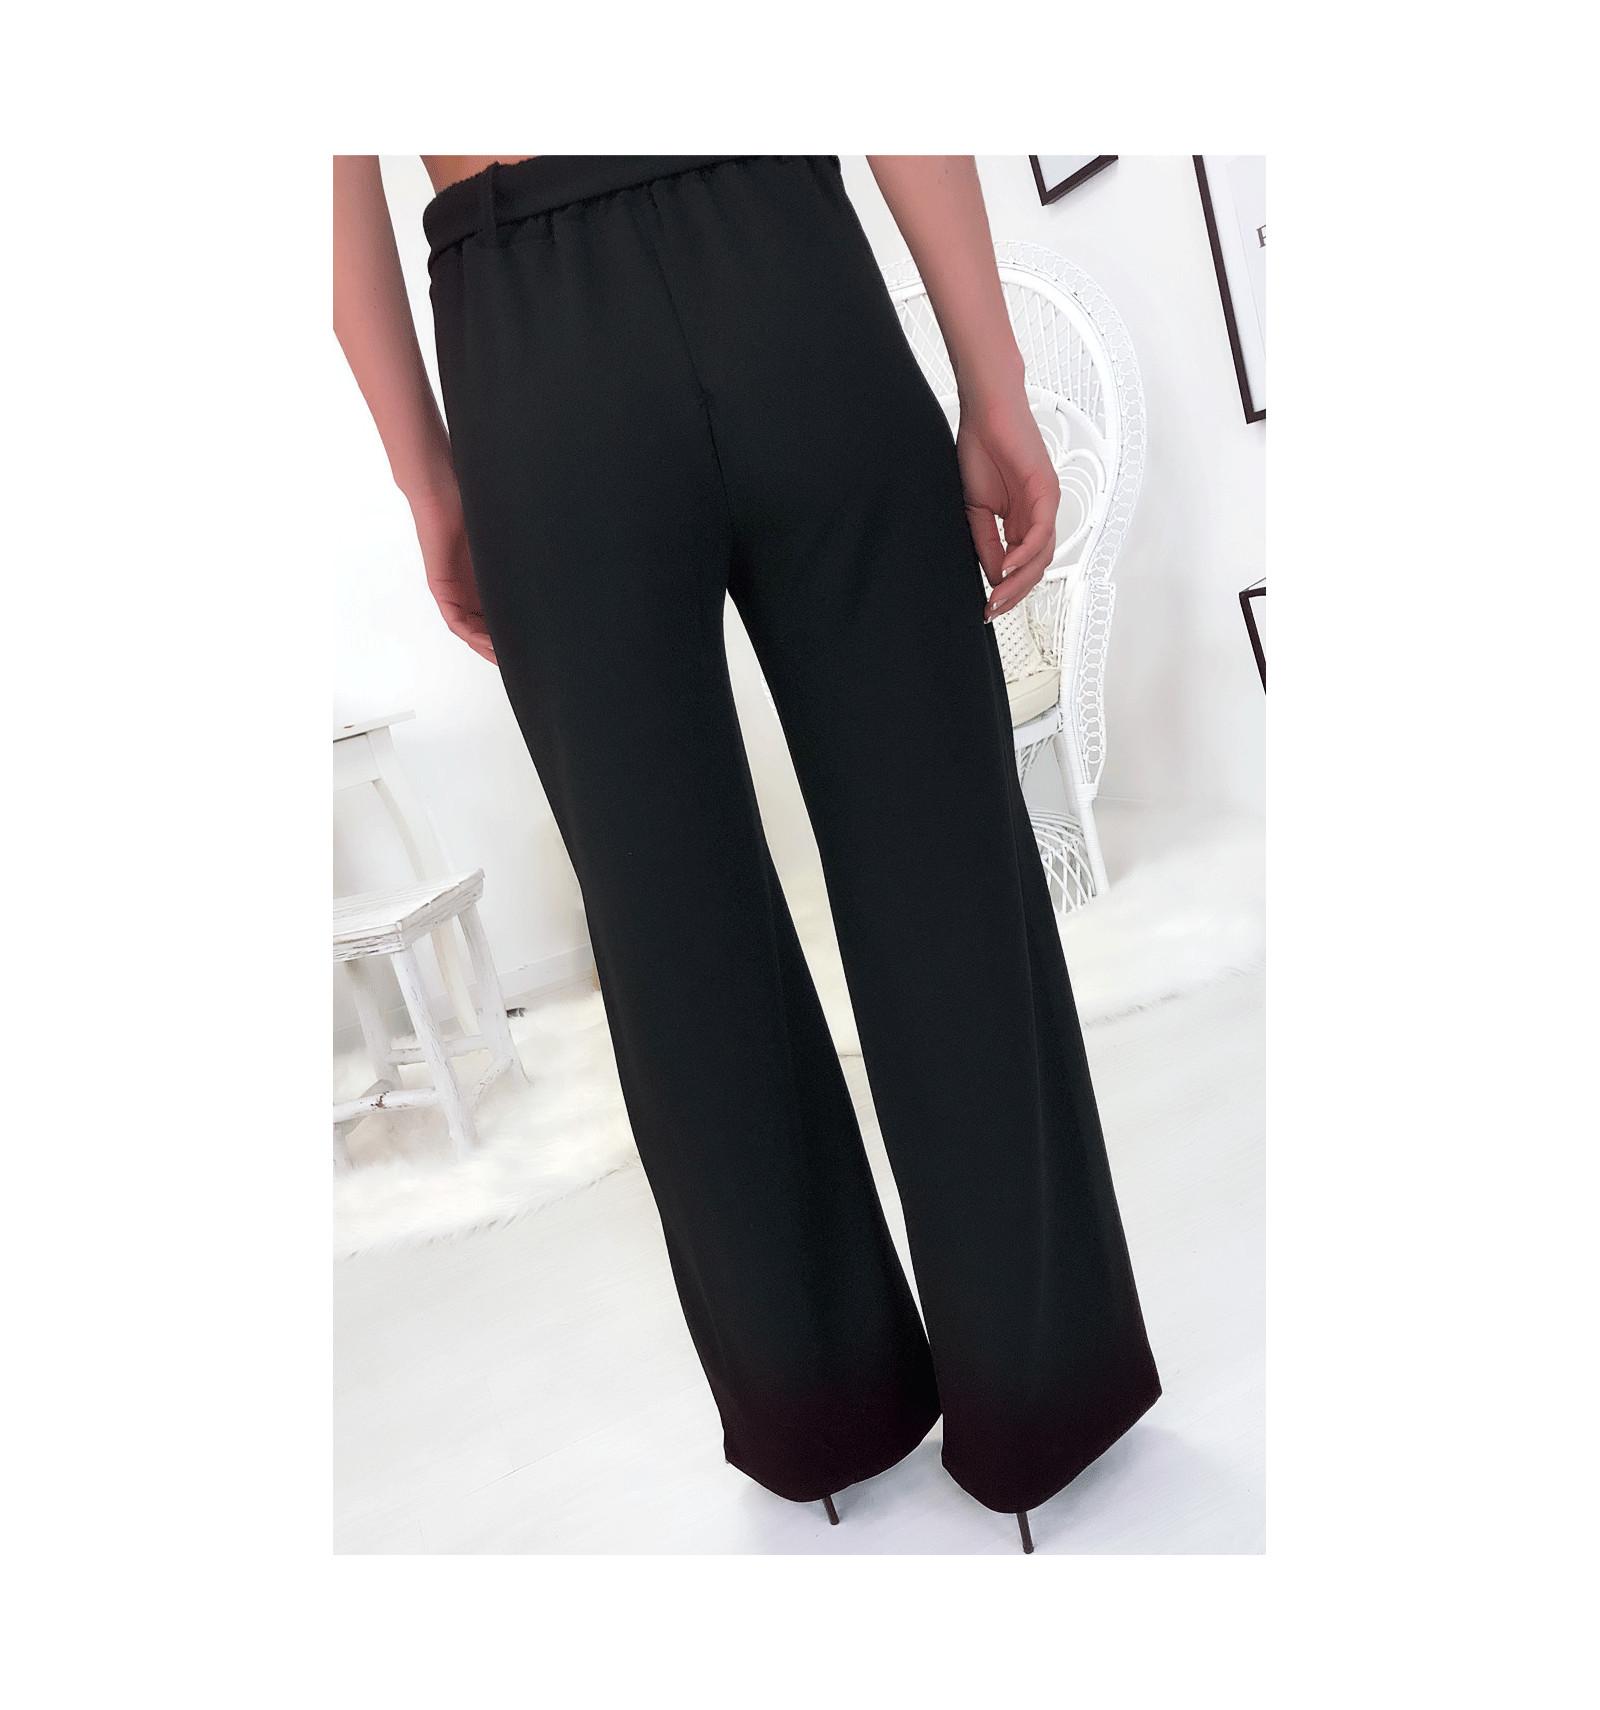 pantalon-palazzo-noir-avec-plis-et-ceinture-mode-femme-fashion (1)